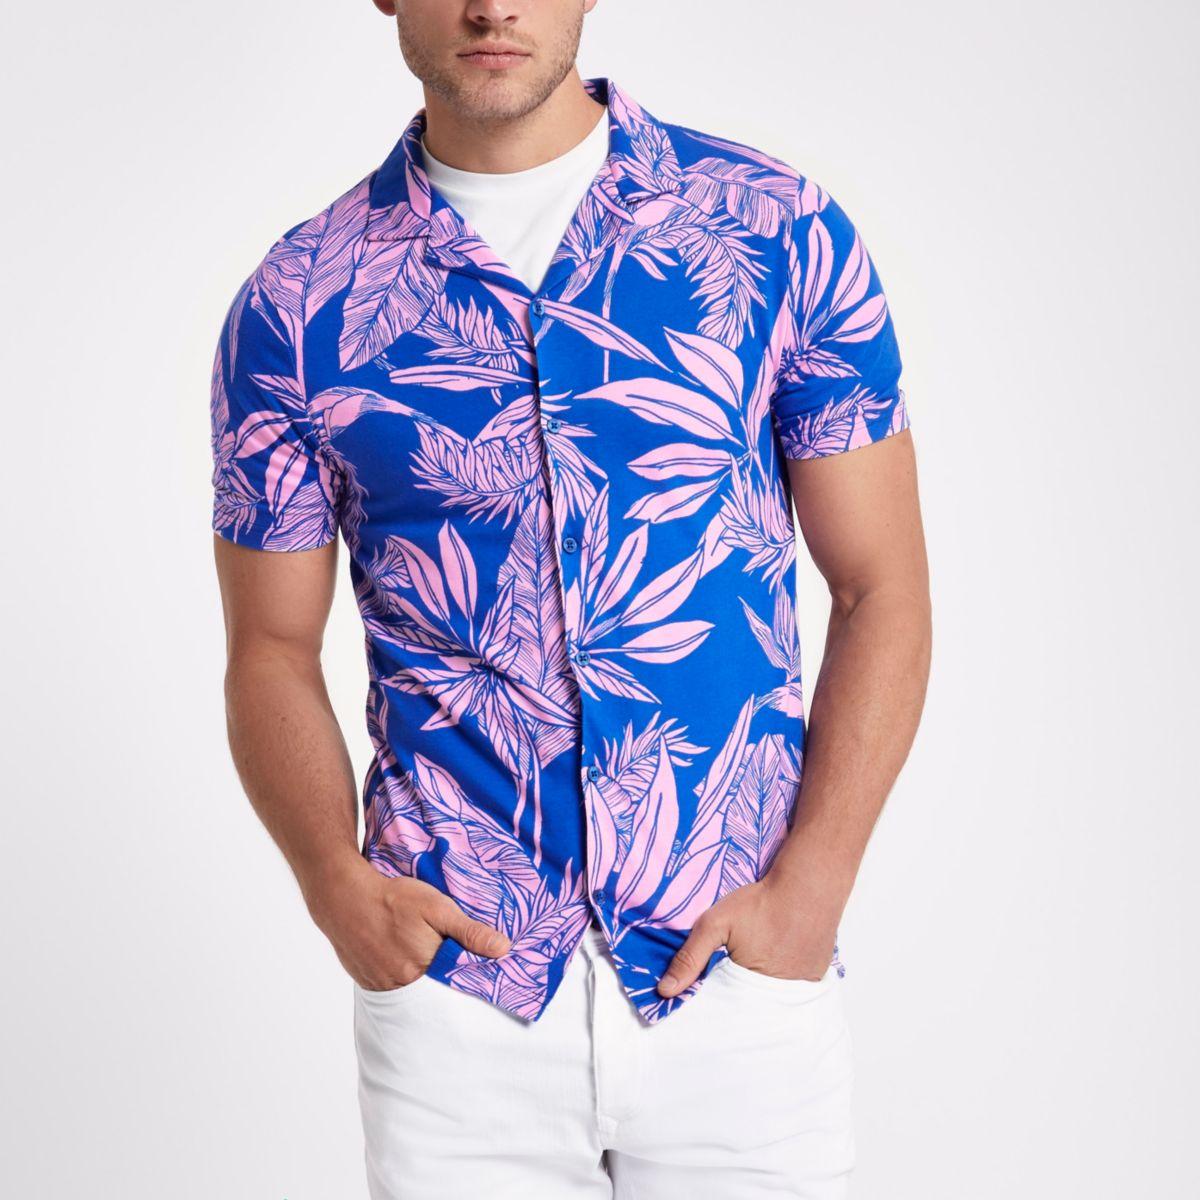 Chemise ajustée en jersey imprimé tropical bleue